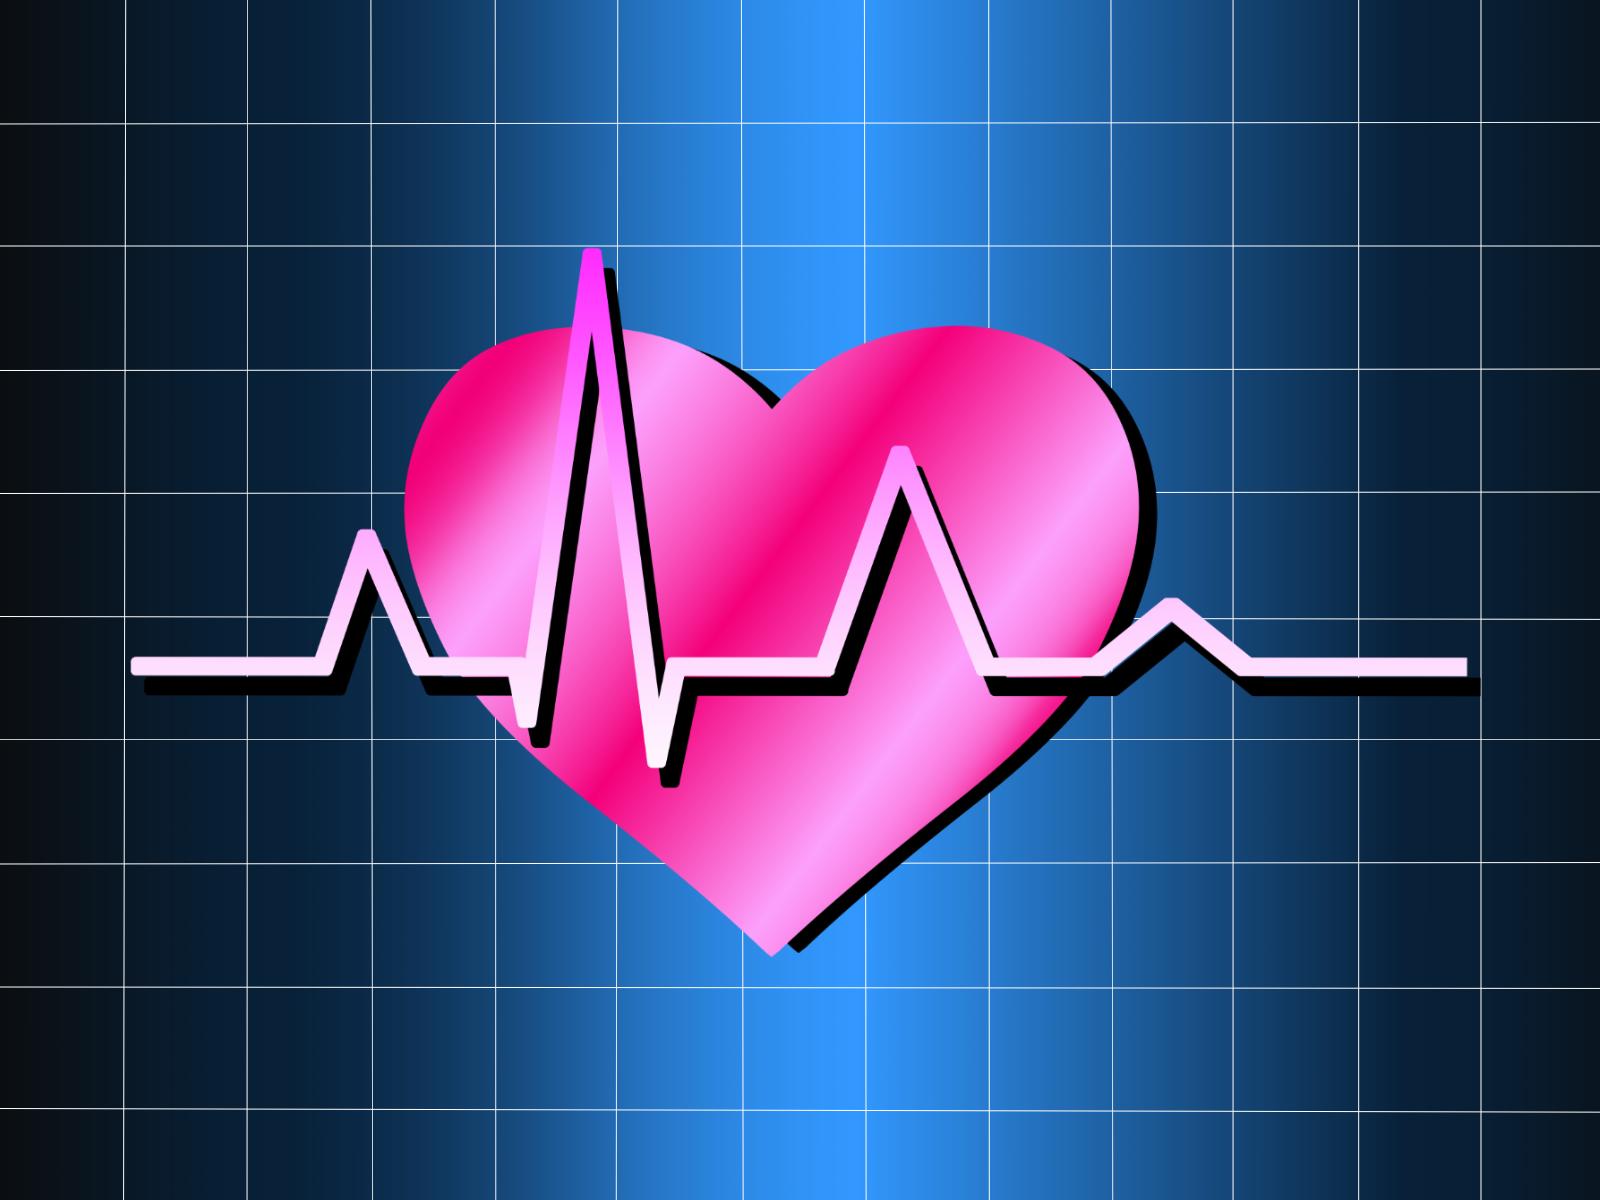 【やる気が出ない】ケース5 温度差を知らせる心臓(感情に良いも悪いもないシリーズ)